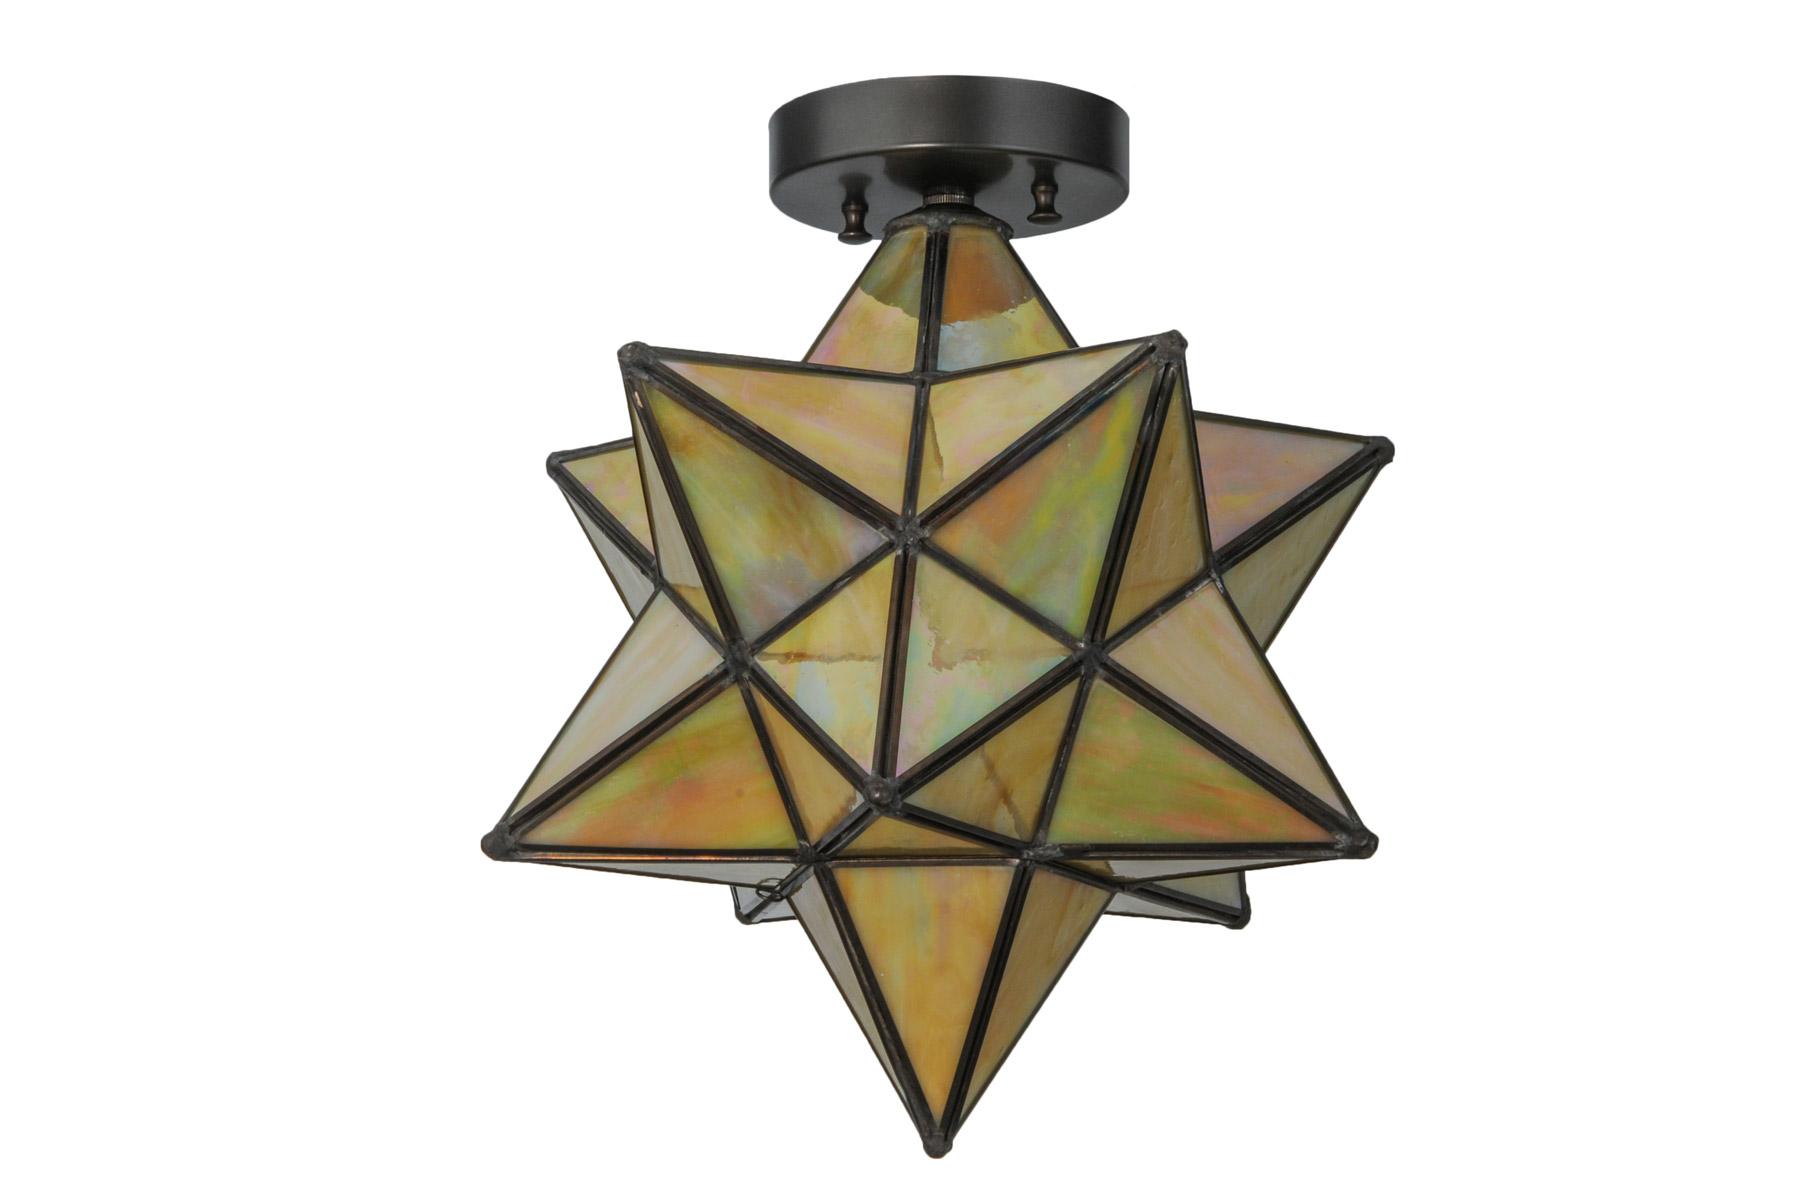 meyda 148883 moravian star flush mount ceiling fixture. Black Bedroom Furniture Sets. Home Design Ideas